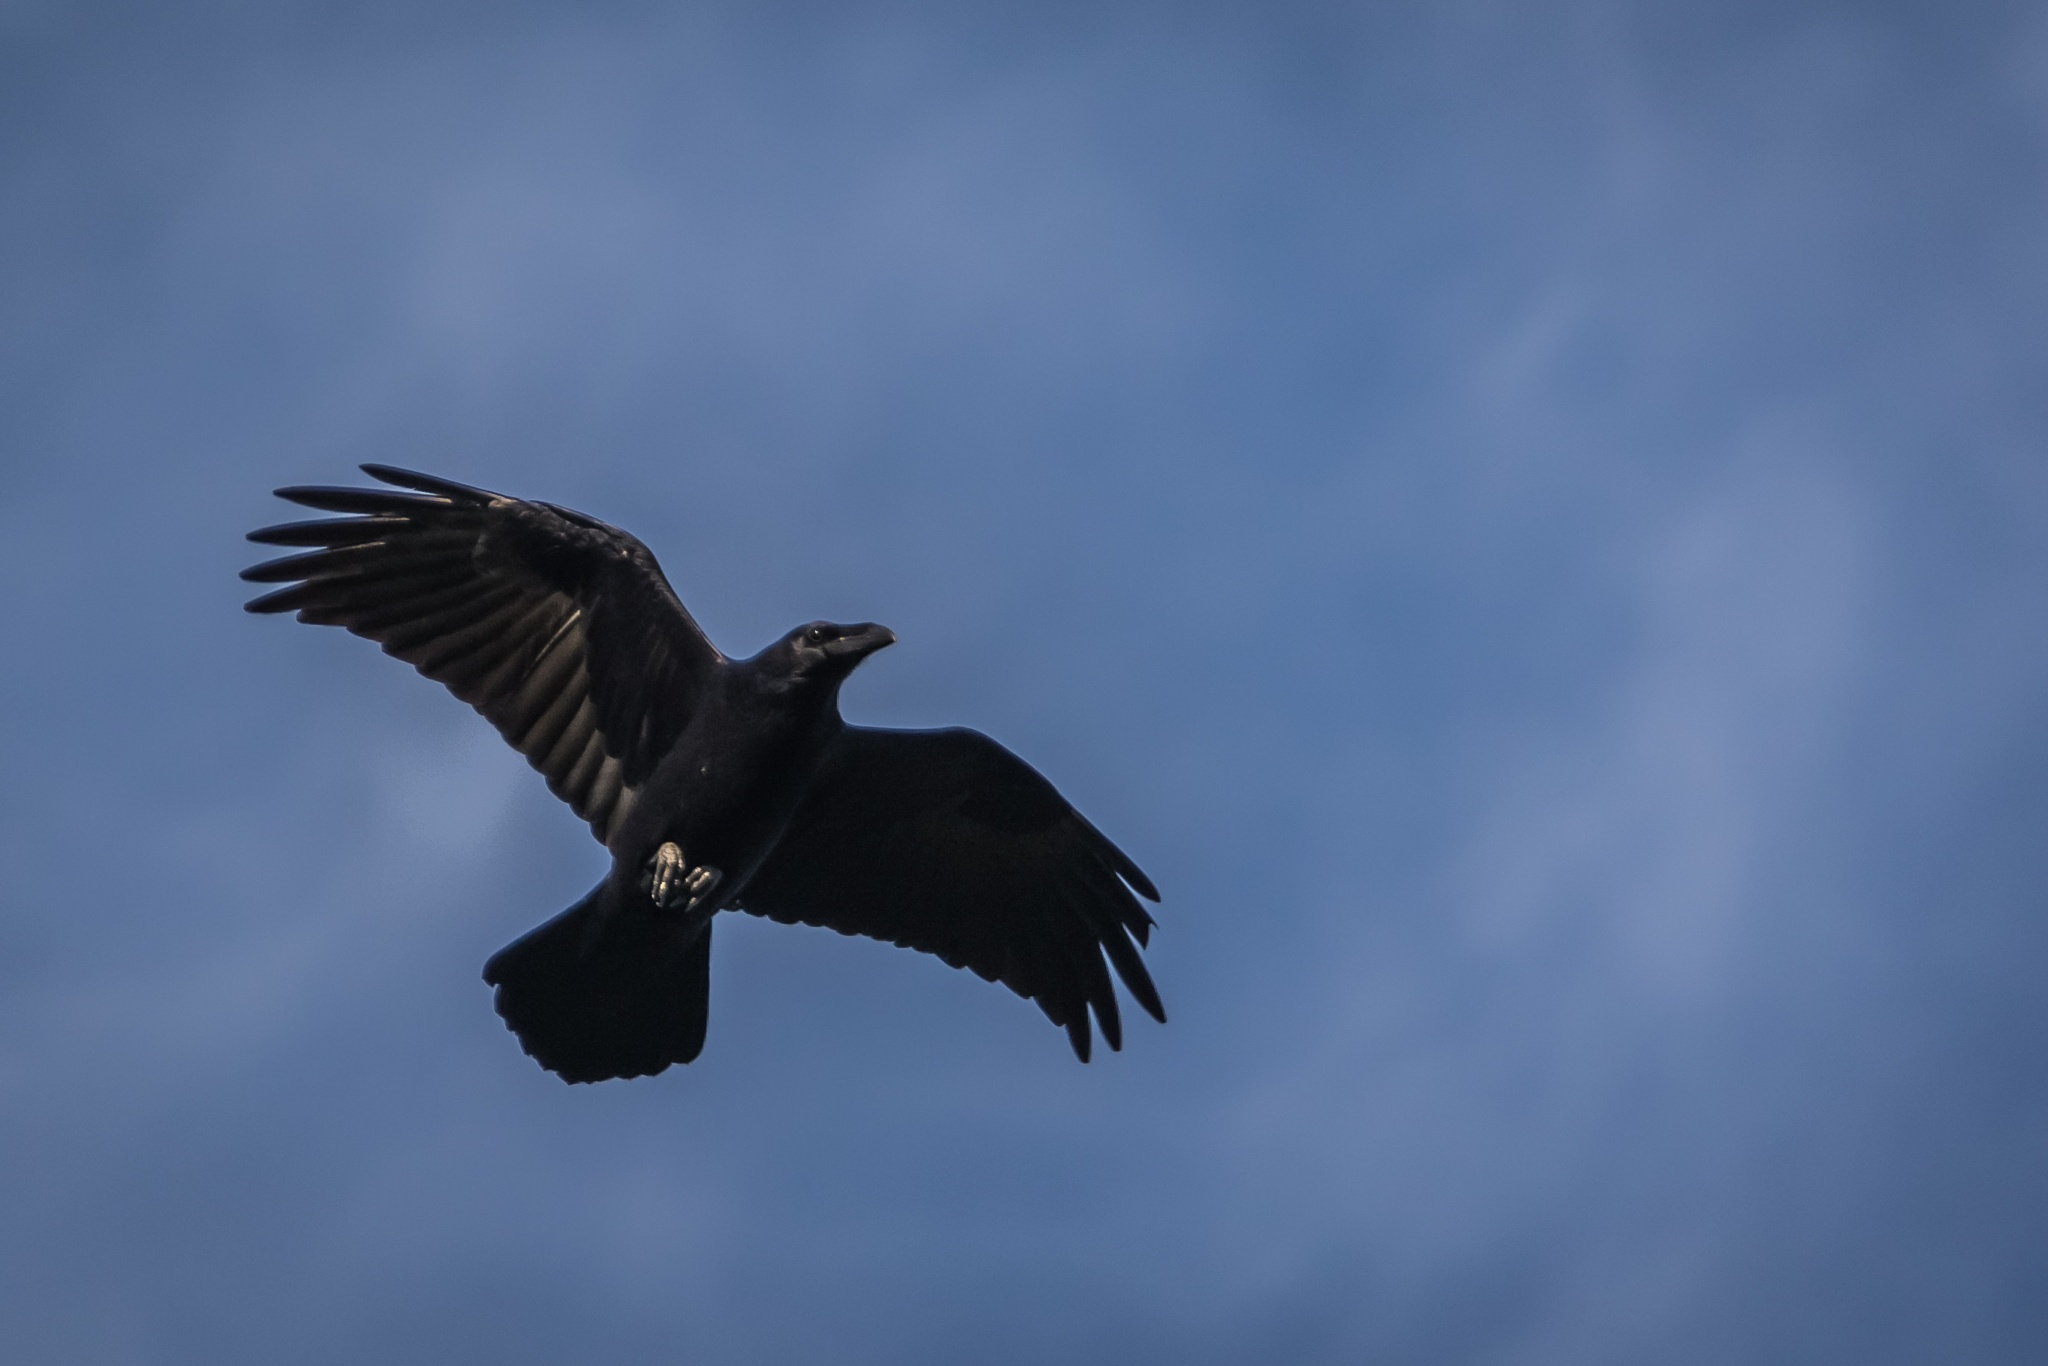 Black raven by Tomasz Kosidło